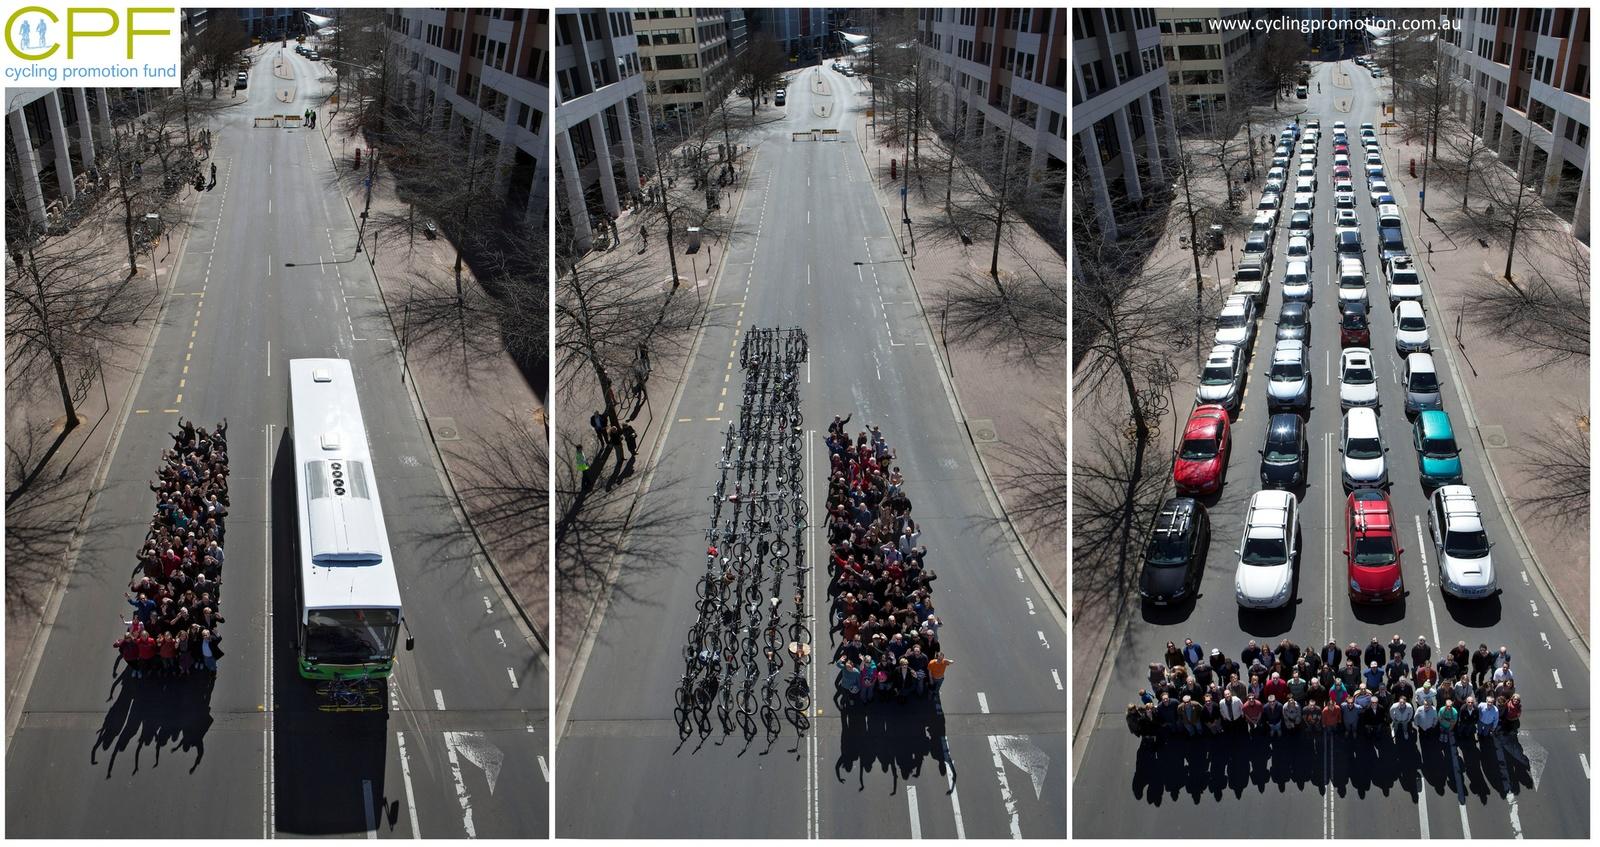 Сколько места занимают люди использующие автобус, велосипеды и машины